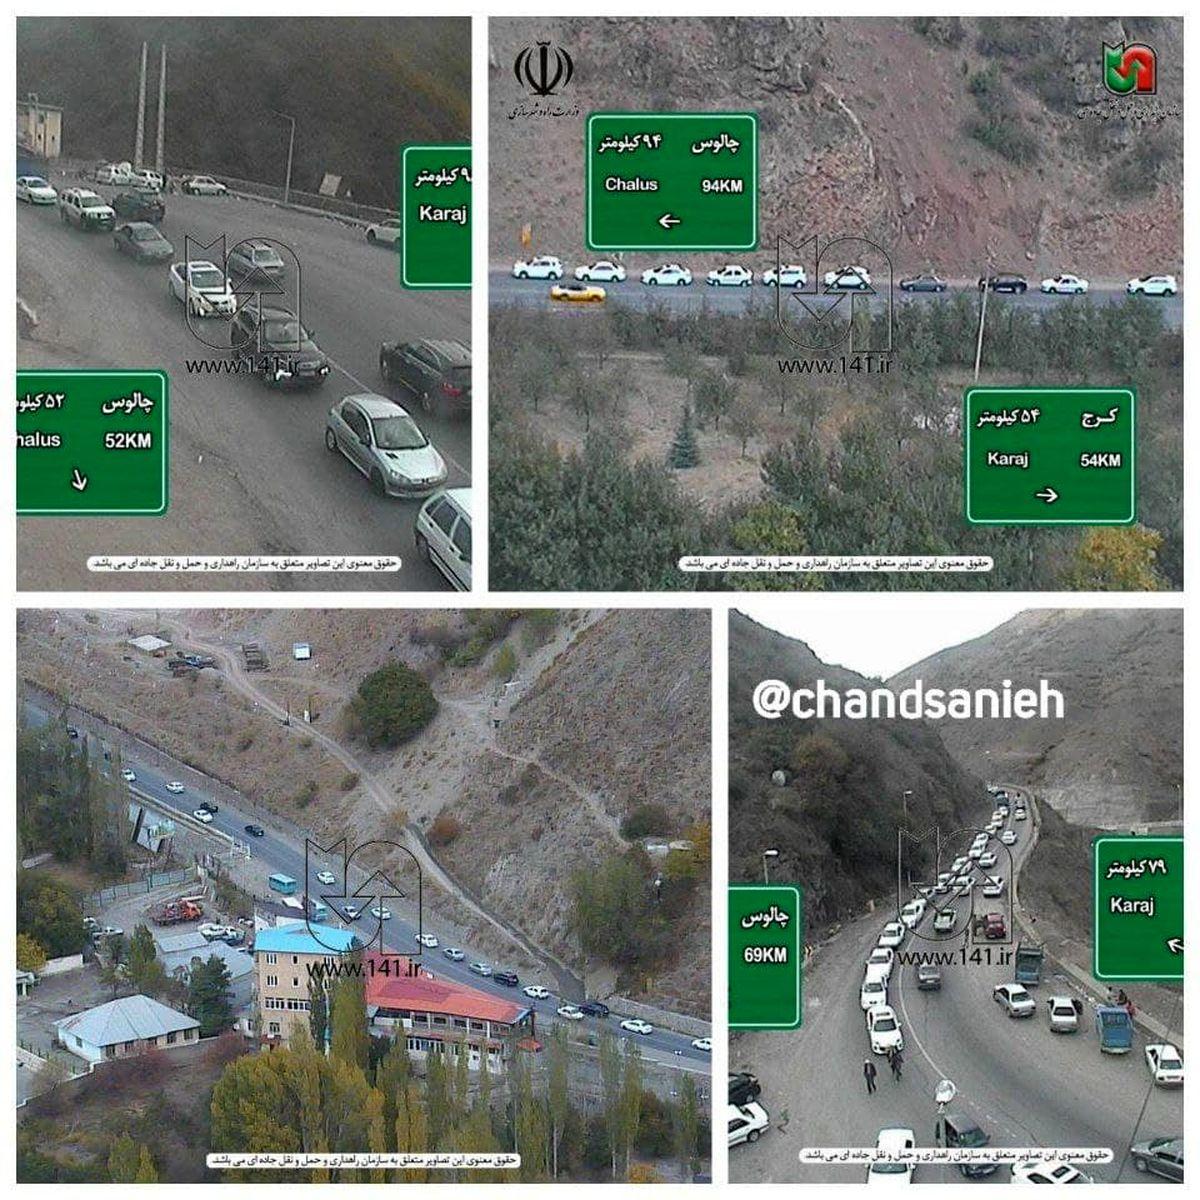 ترافیک سنگین در همه محورهای جاده چالوس+عکس